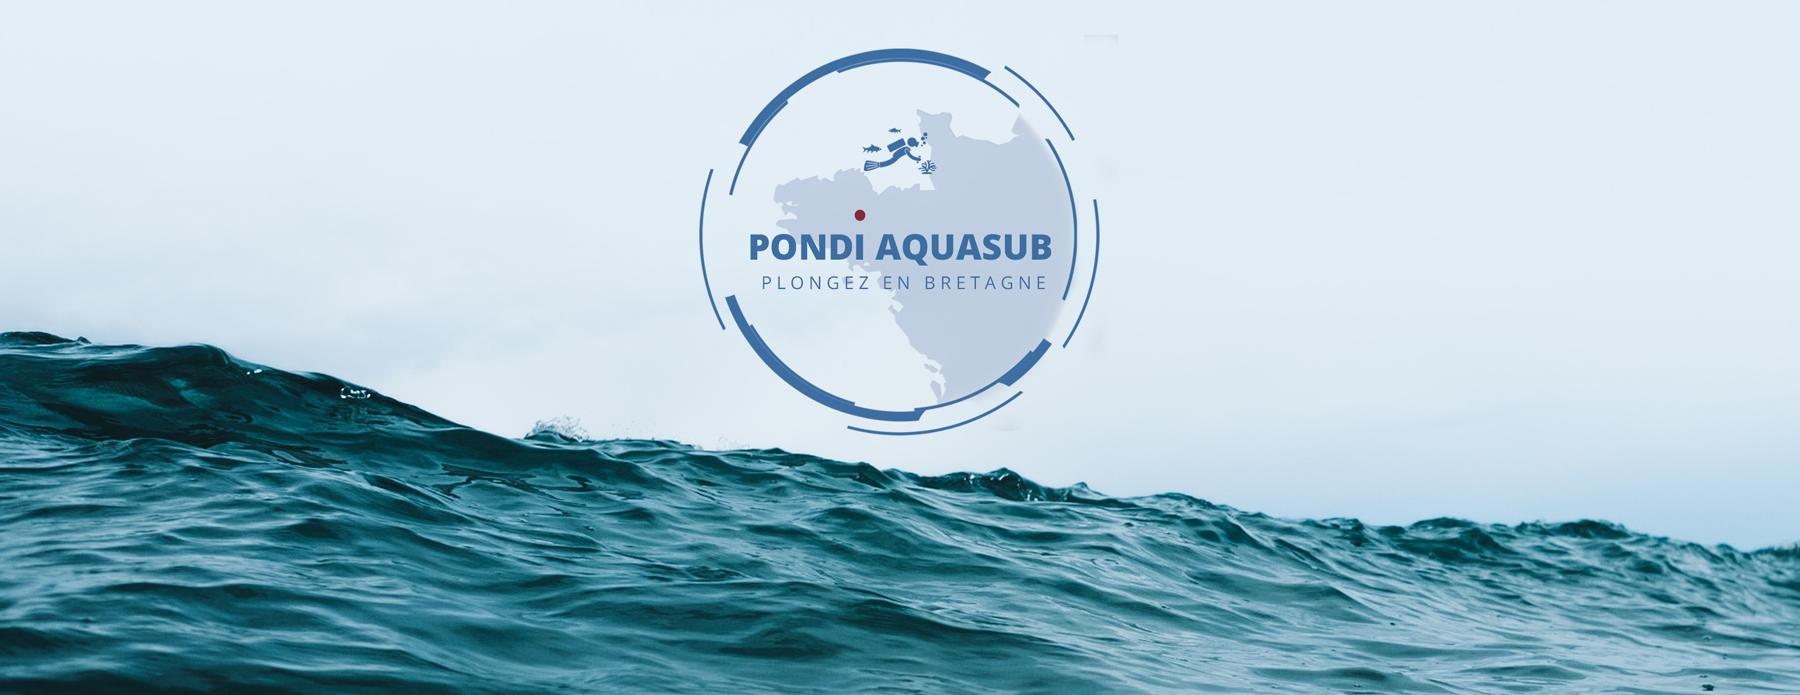 Pondi Aquasub